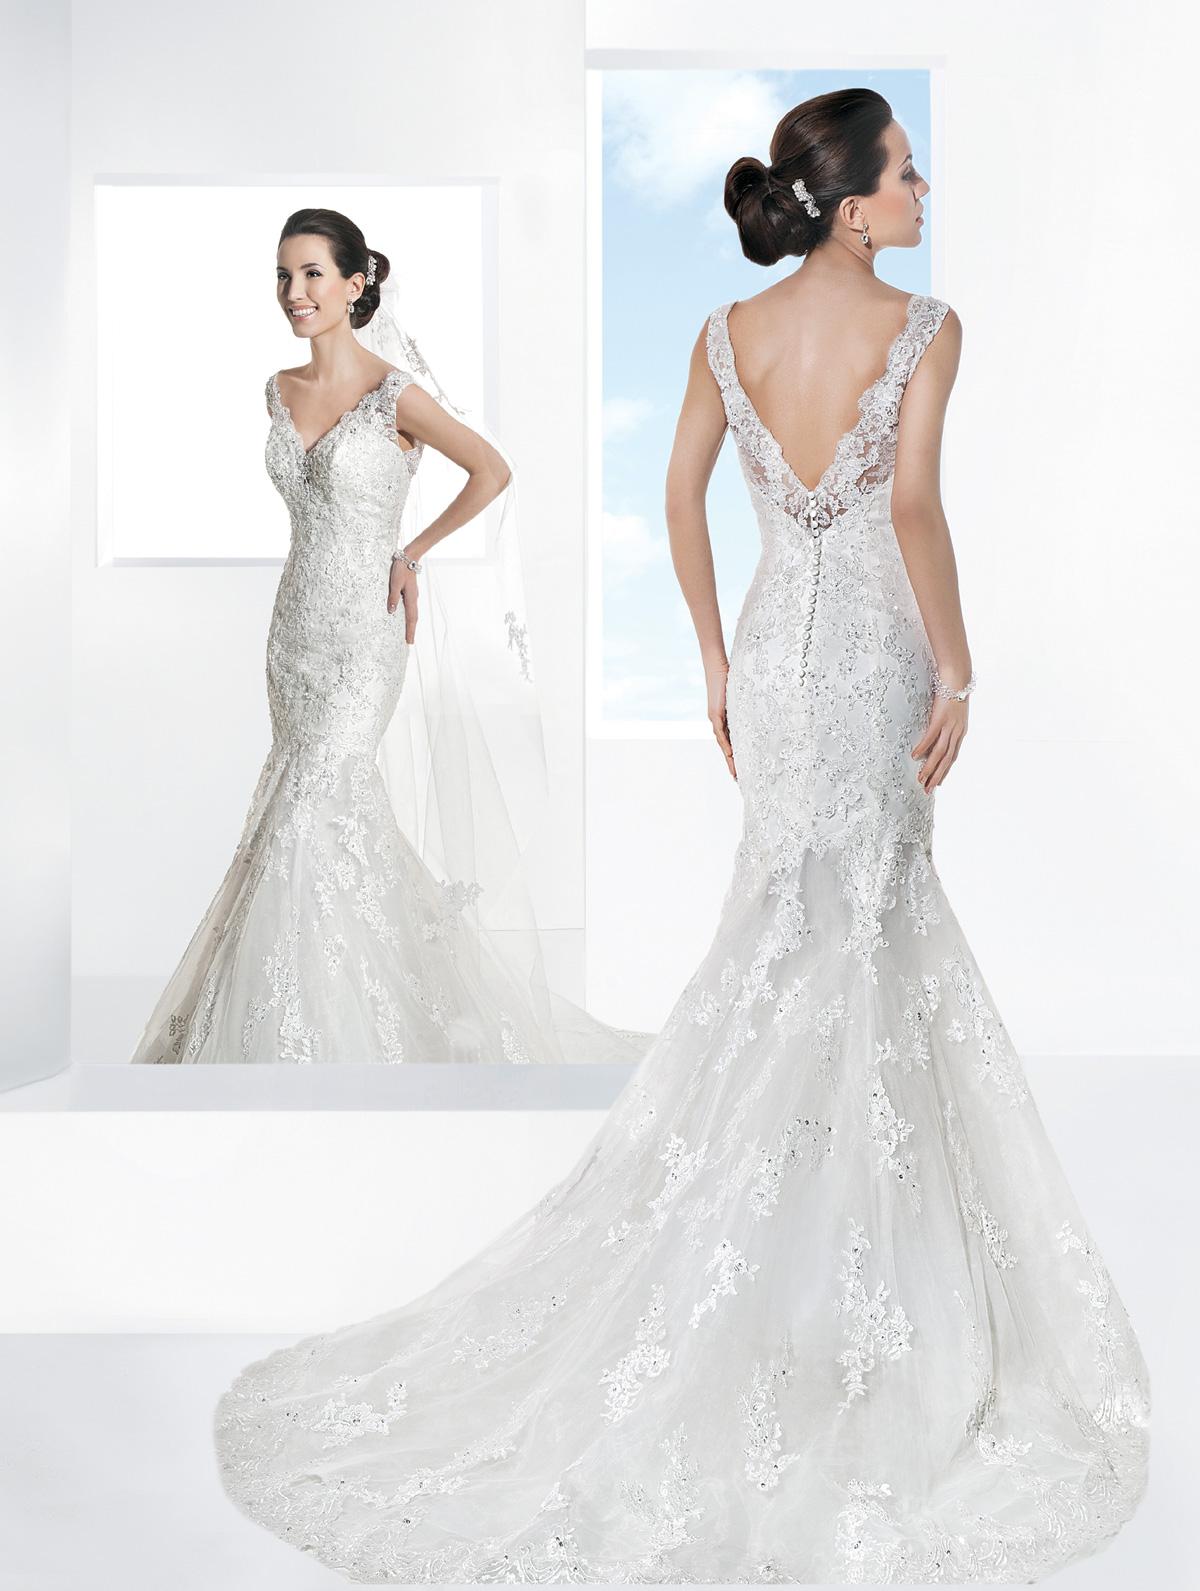 Vestido de Noiva com alças em renda e decote V, costas profunda com transparência, corte leve sereia e suave cauda.